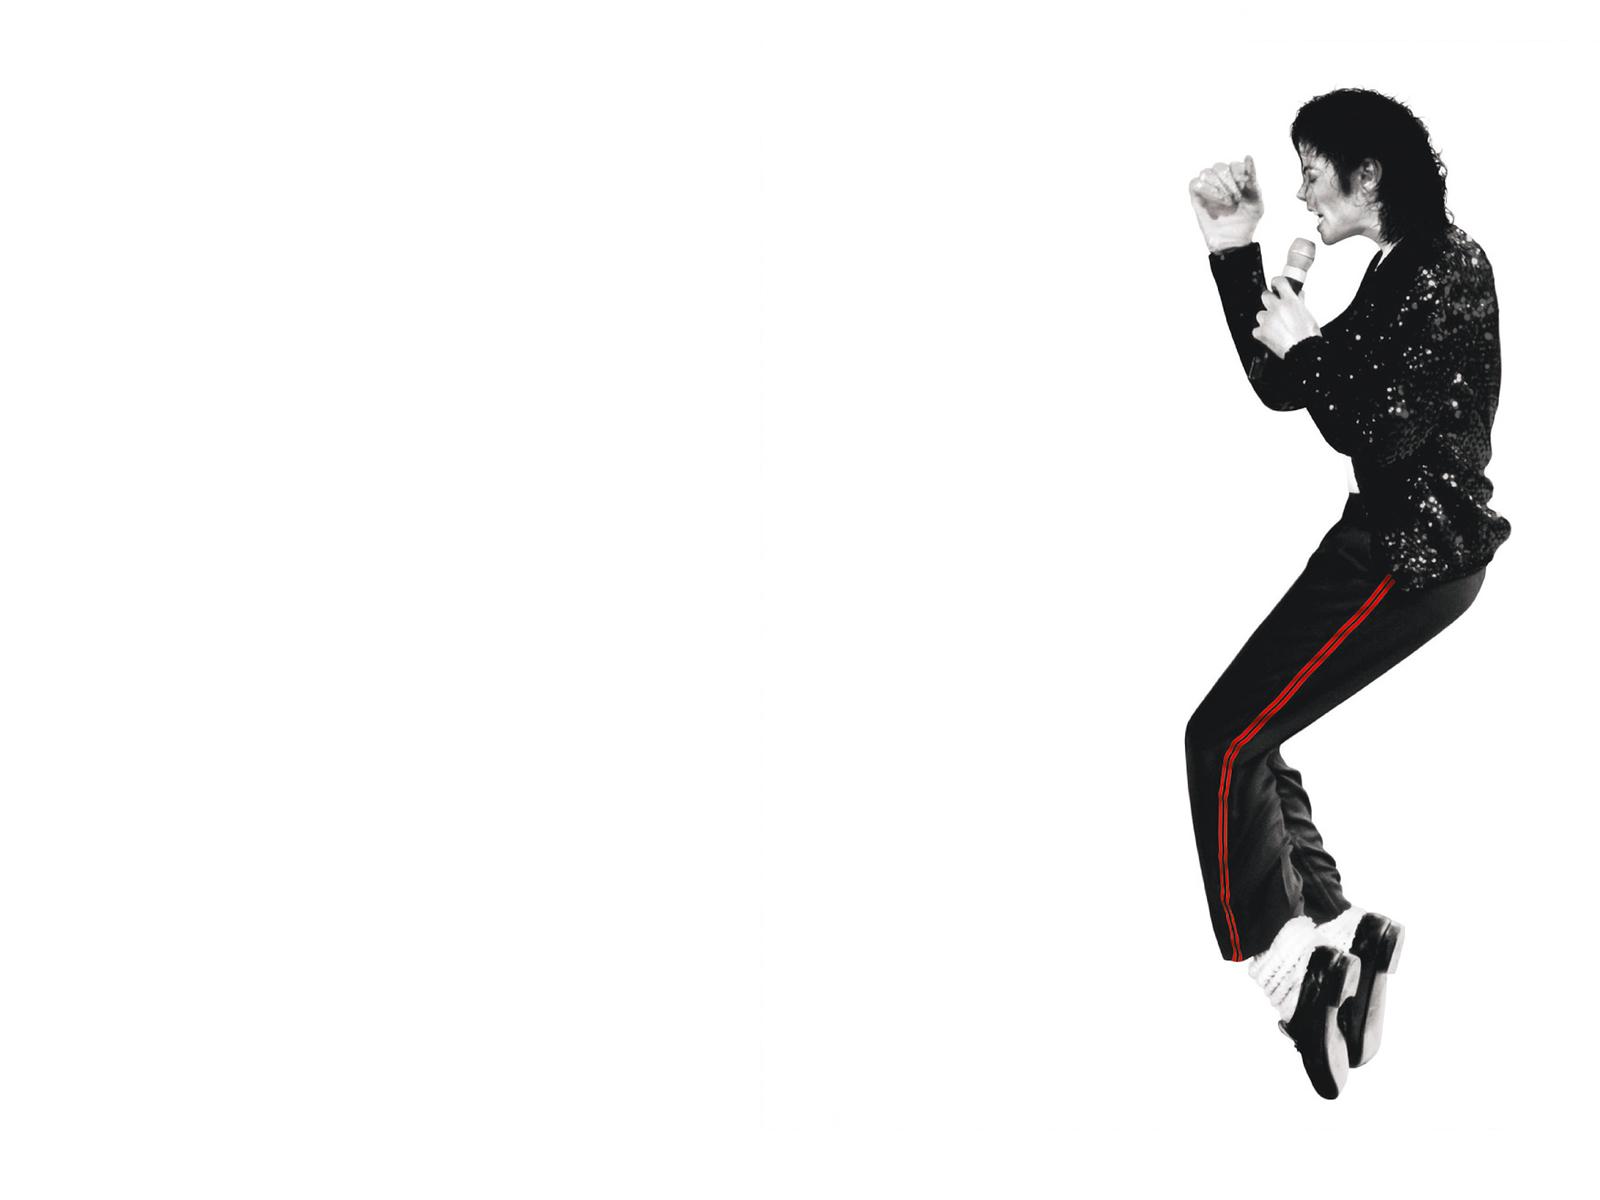 Michael Jackson Dancing 壁纸